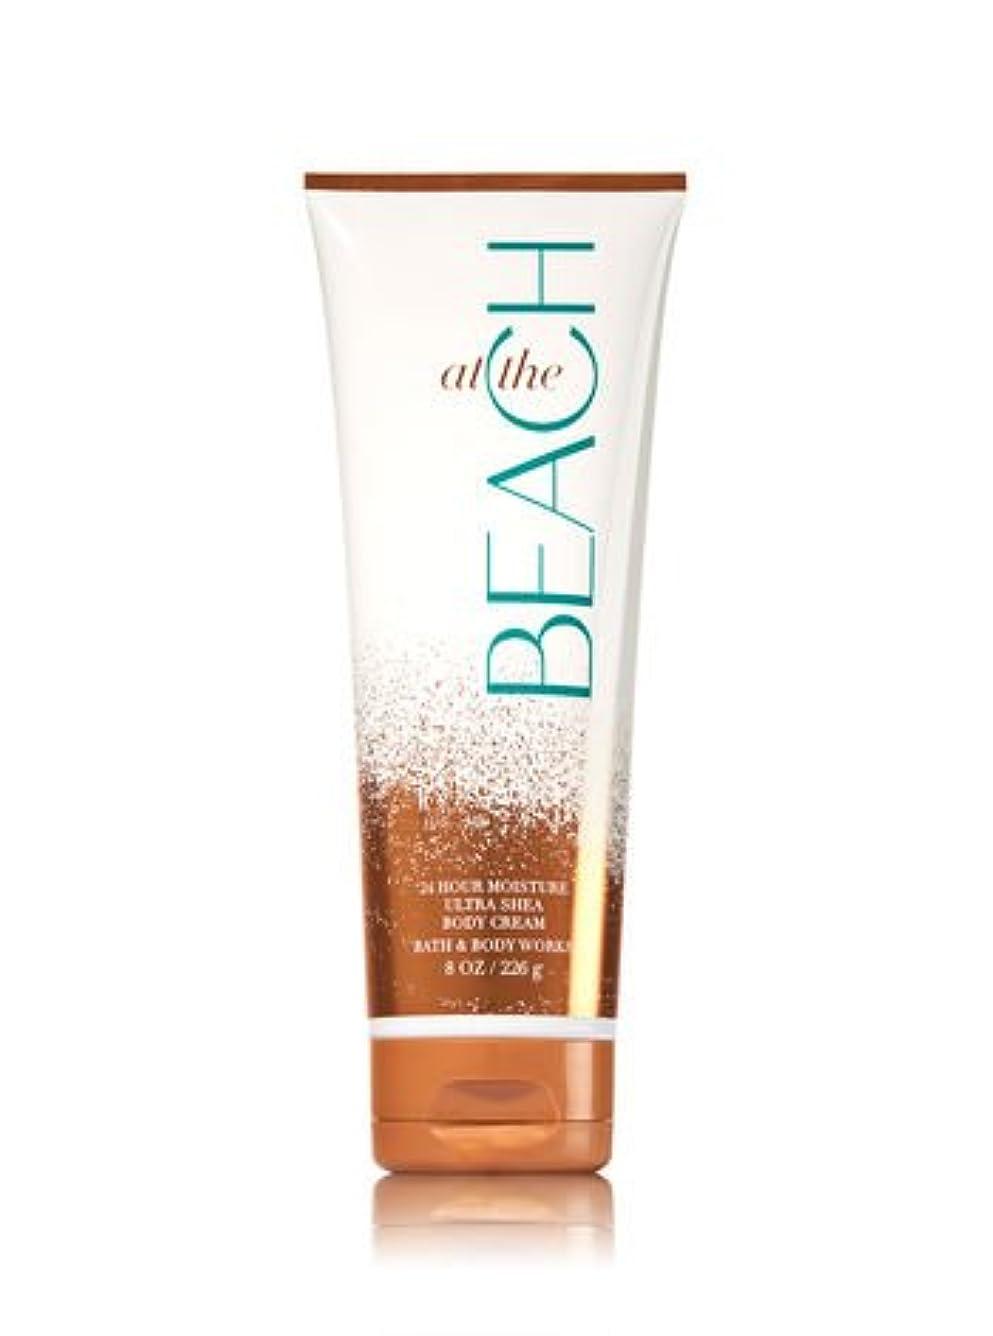 変更テロリスト番号【Bath&Body Works/バス&ボディワークス】 ボディクリーム アットザビーチ Body Cream At The Beach 8 oz / 226 g [並行輸入品]